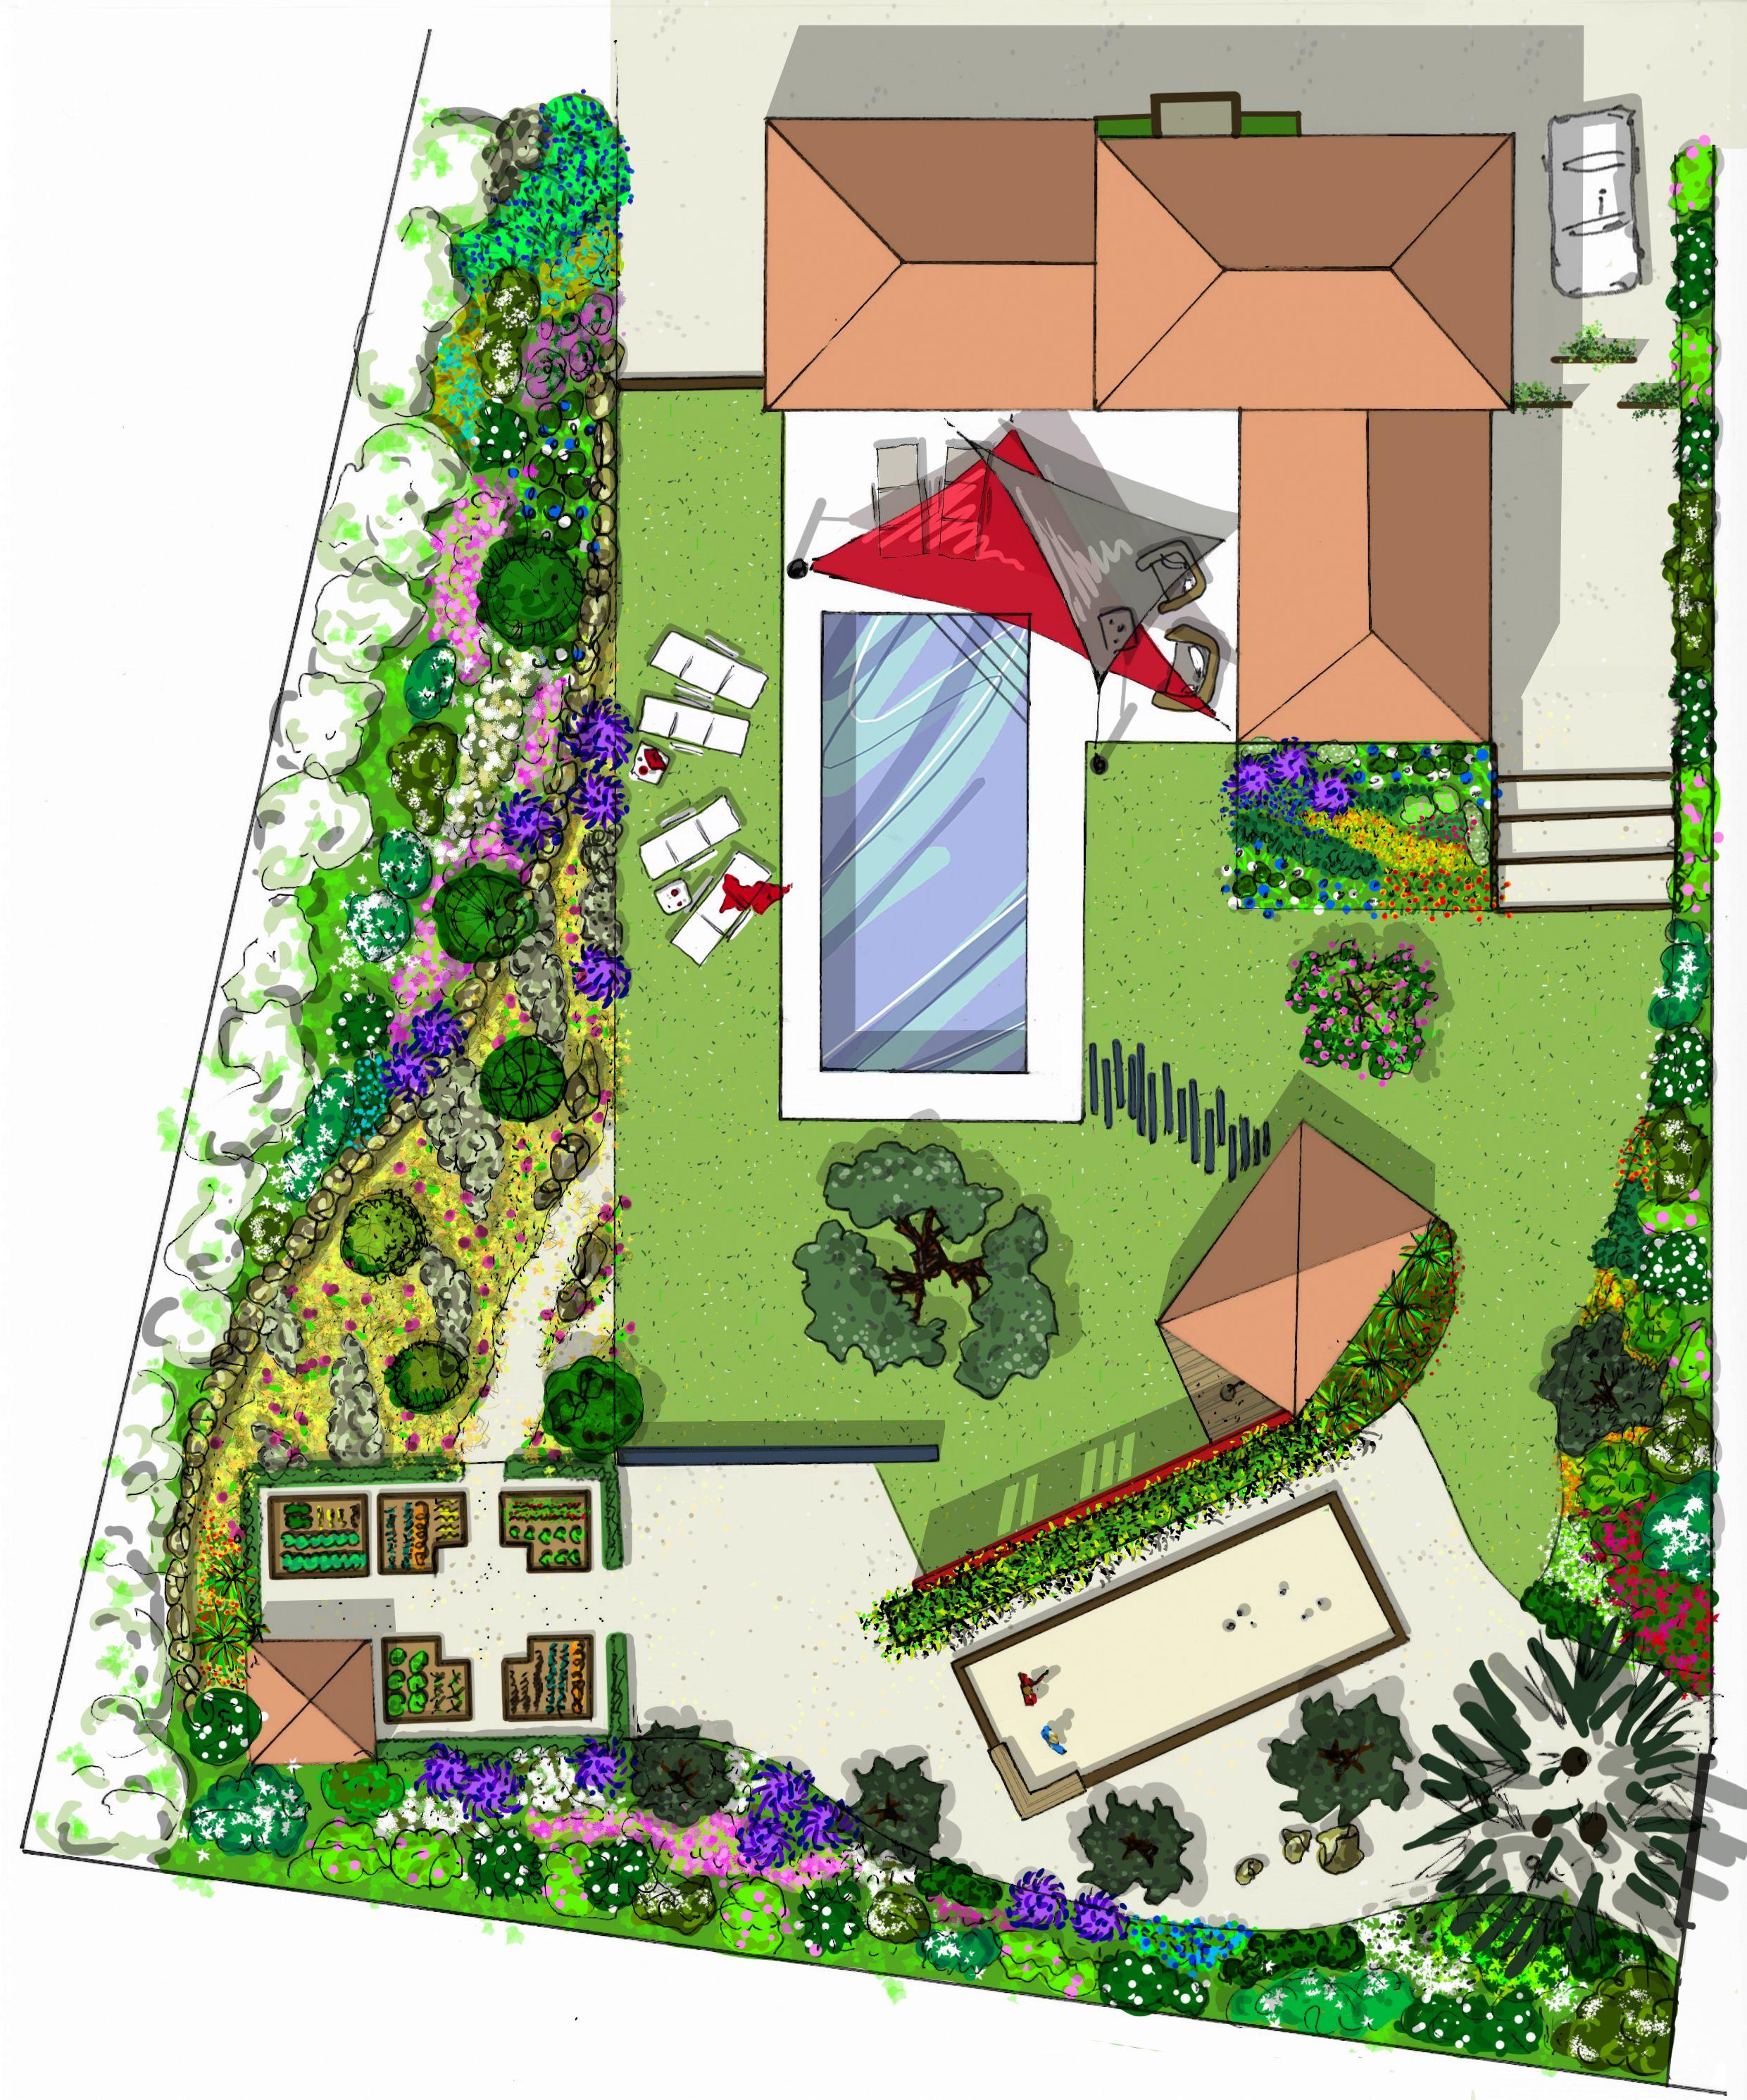 atelier naudier architecte paysagiste concepteur montpellier aix en provence jardin. Black Bedroom Furniture Sets. Home Design Ideas